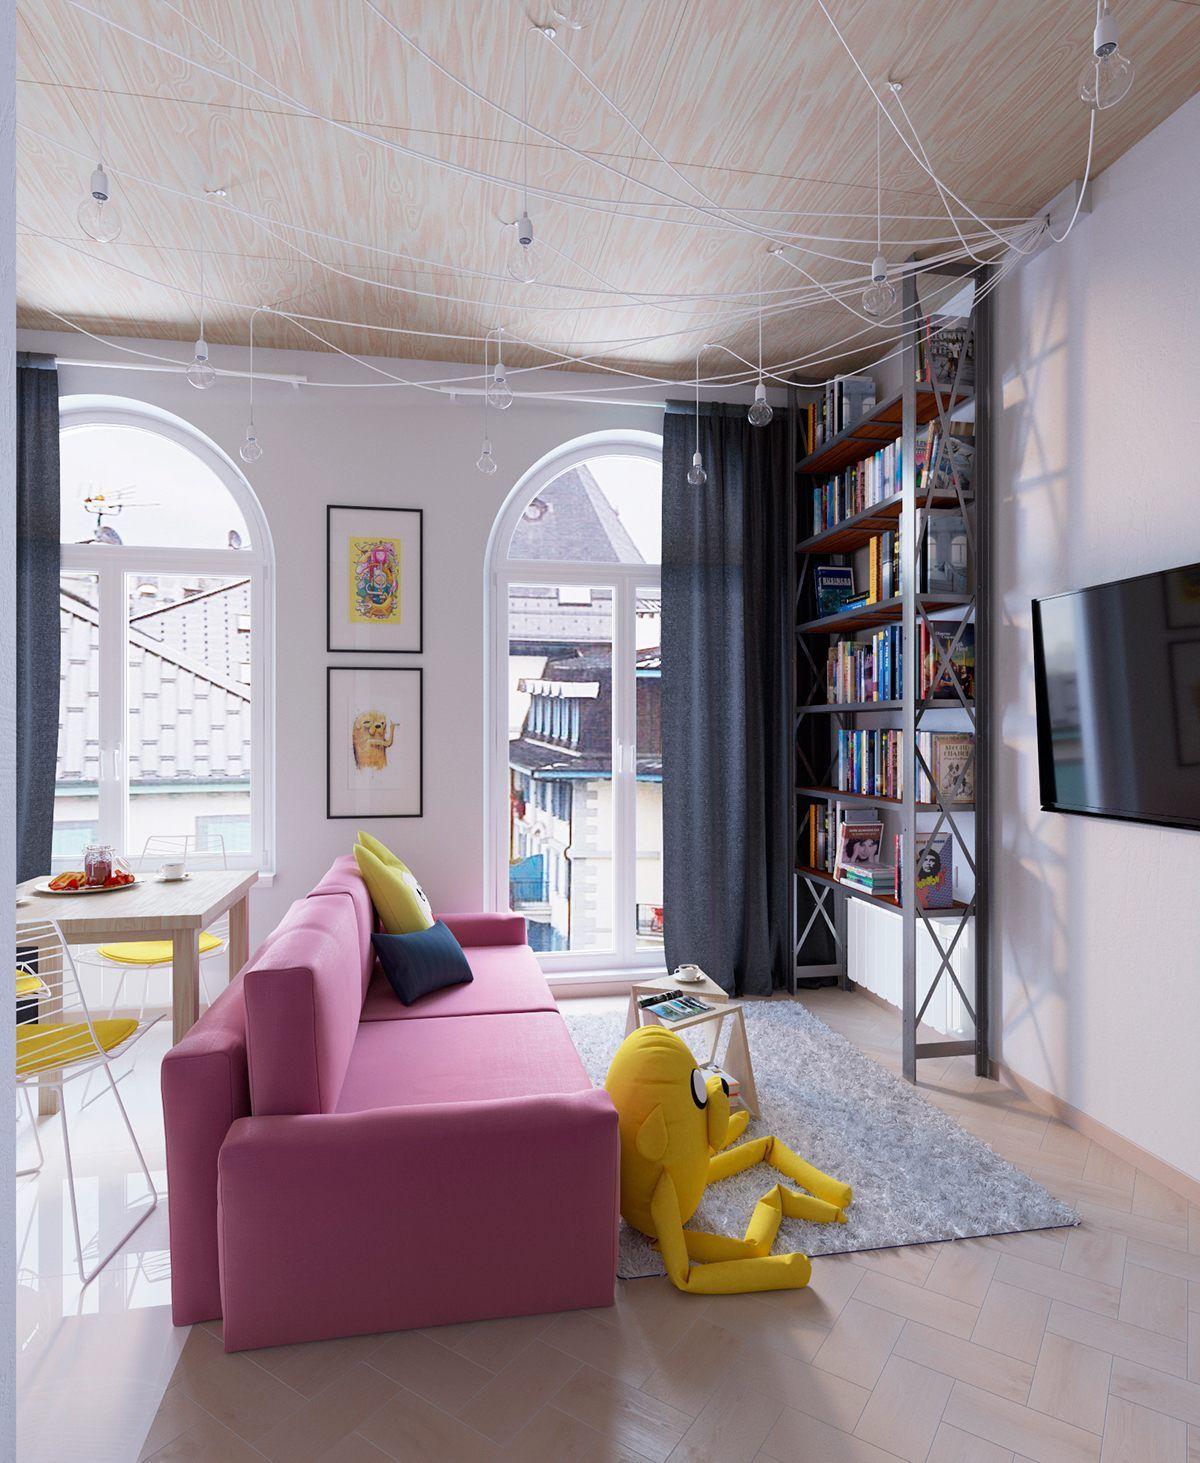 Casinha colorida: Home Tour: um loft moderno e muito fofucho